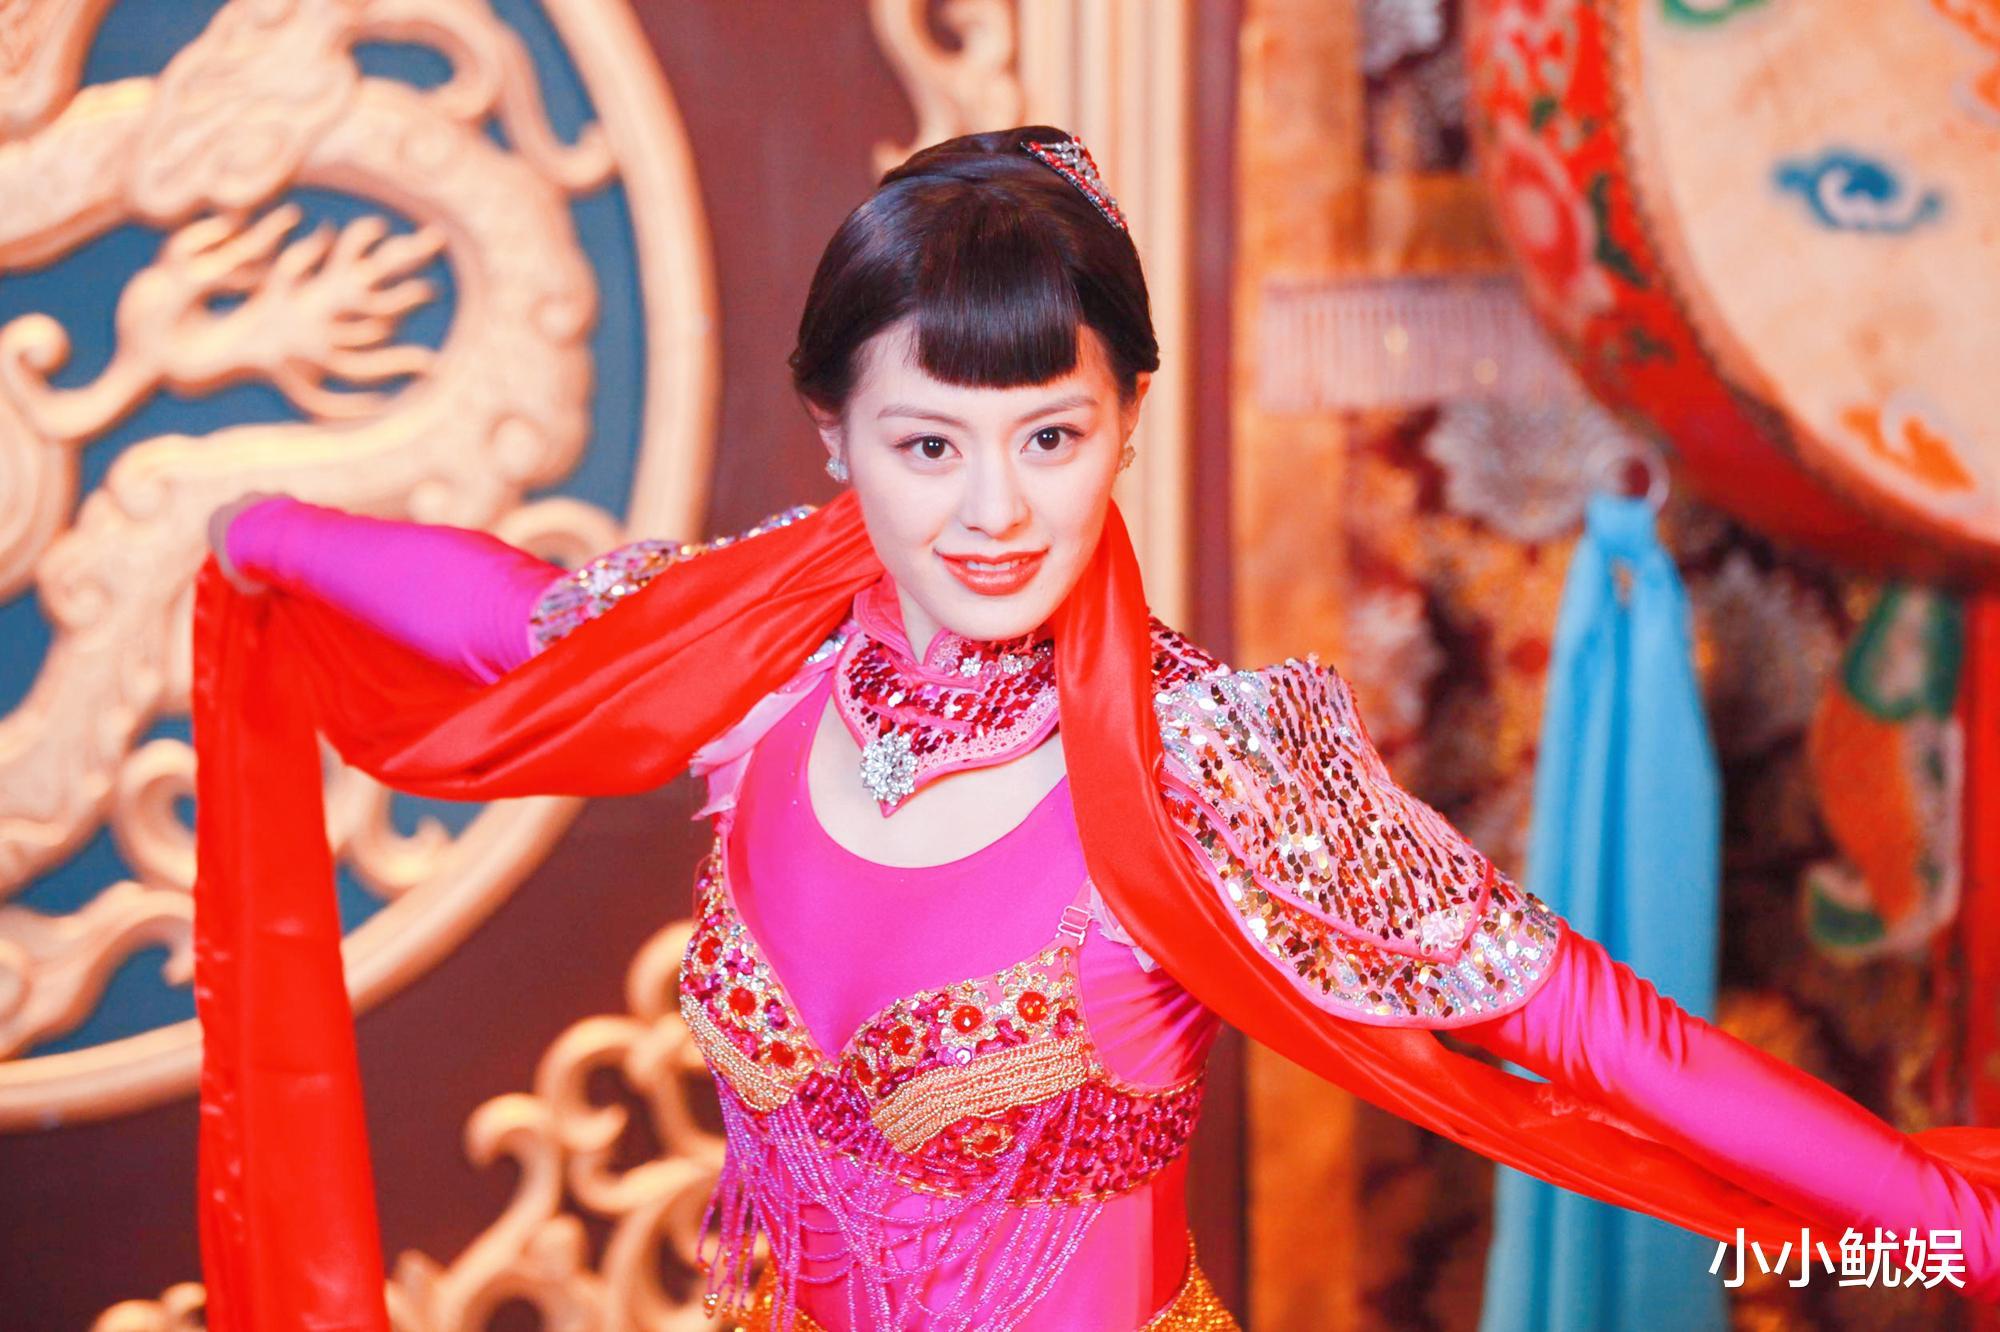 """""""強捧之恥""""? 46部電視劇38次女主, 搭檔胡歌聶遠但就是火不起來-圖9"""